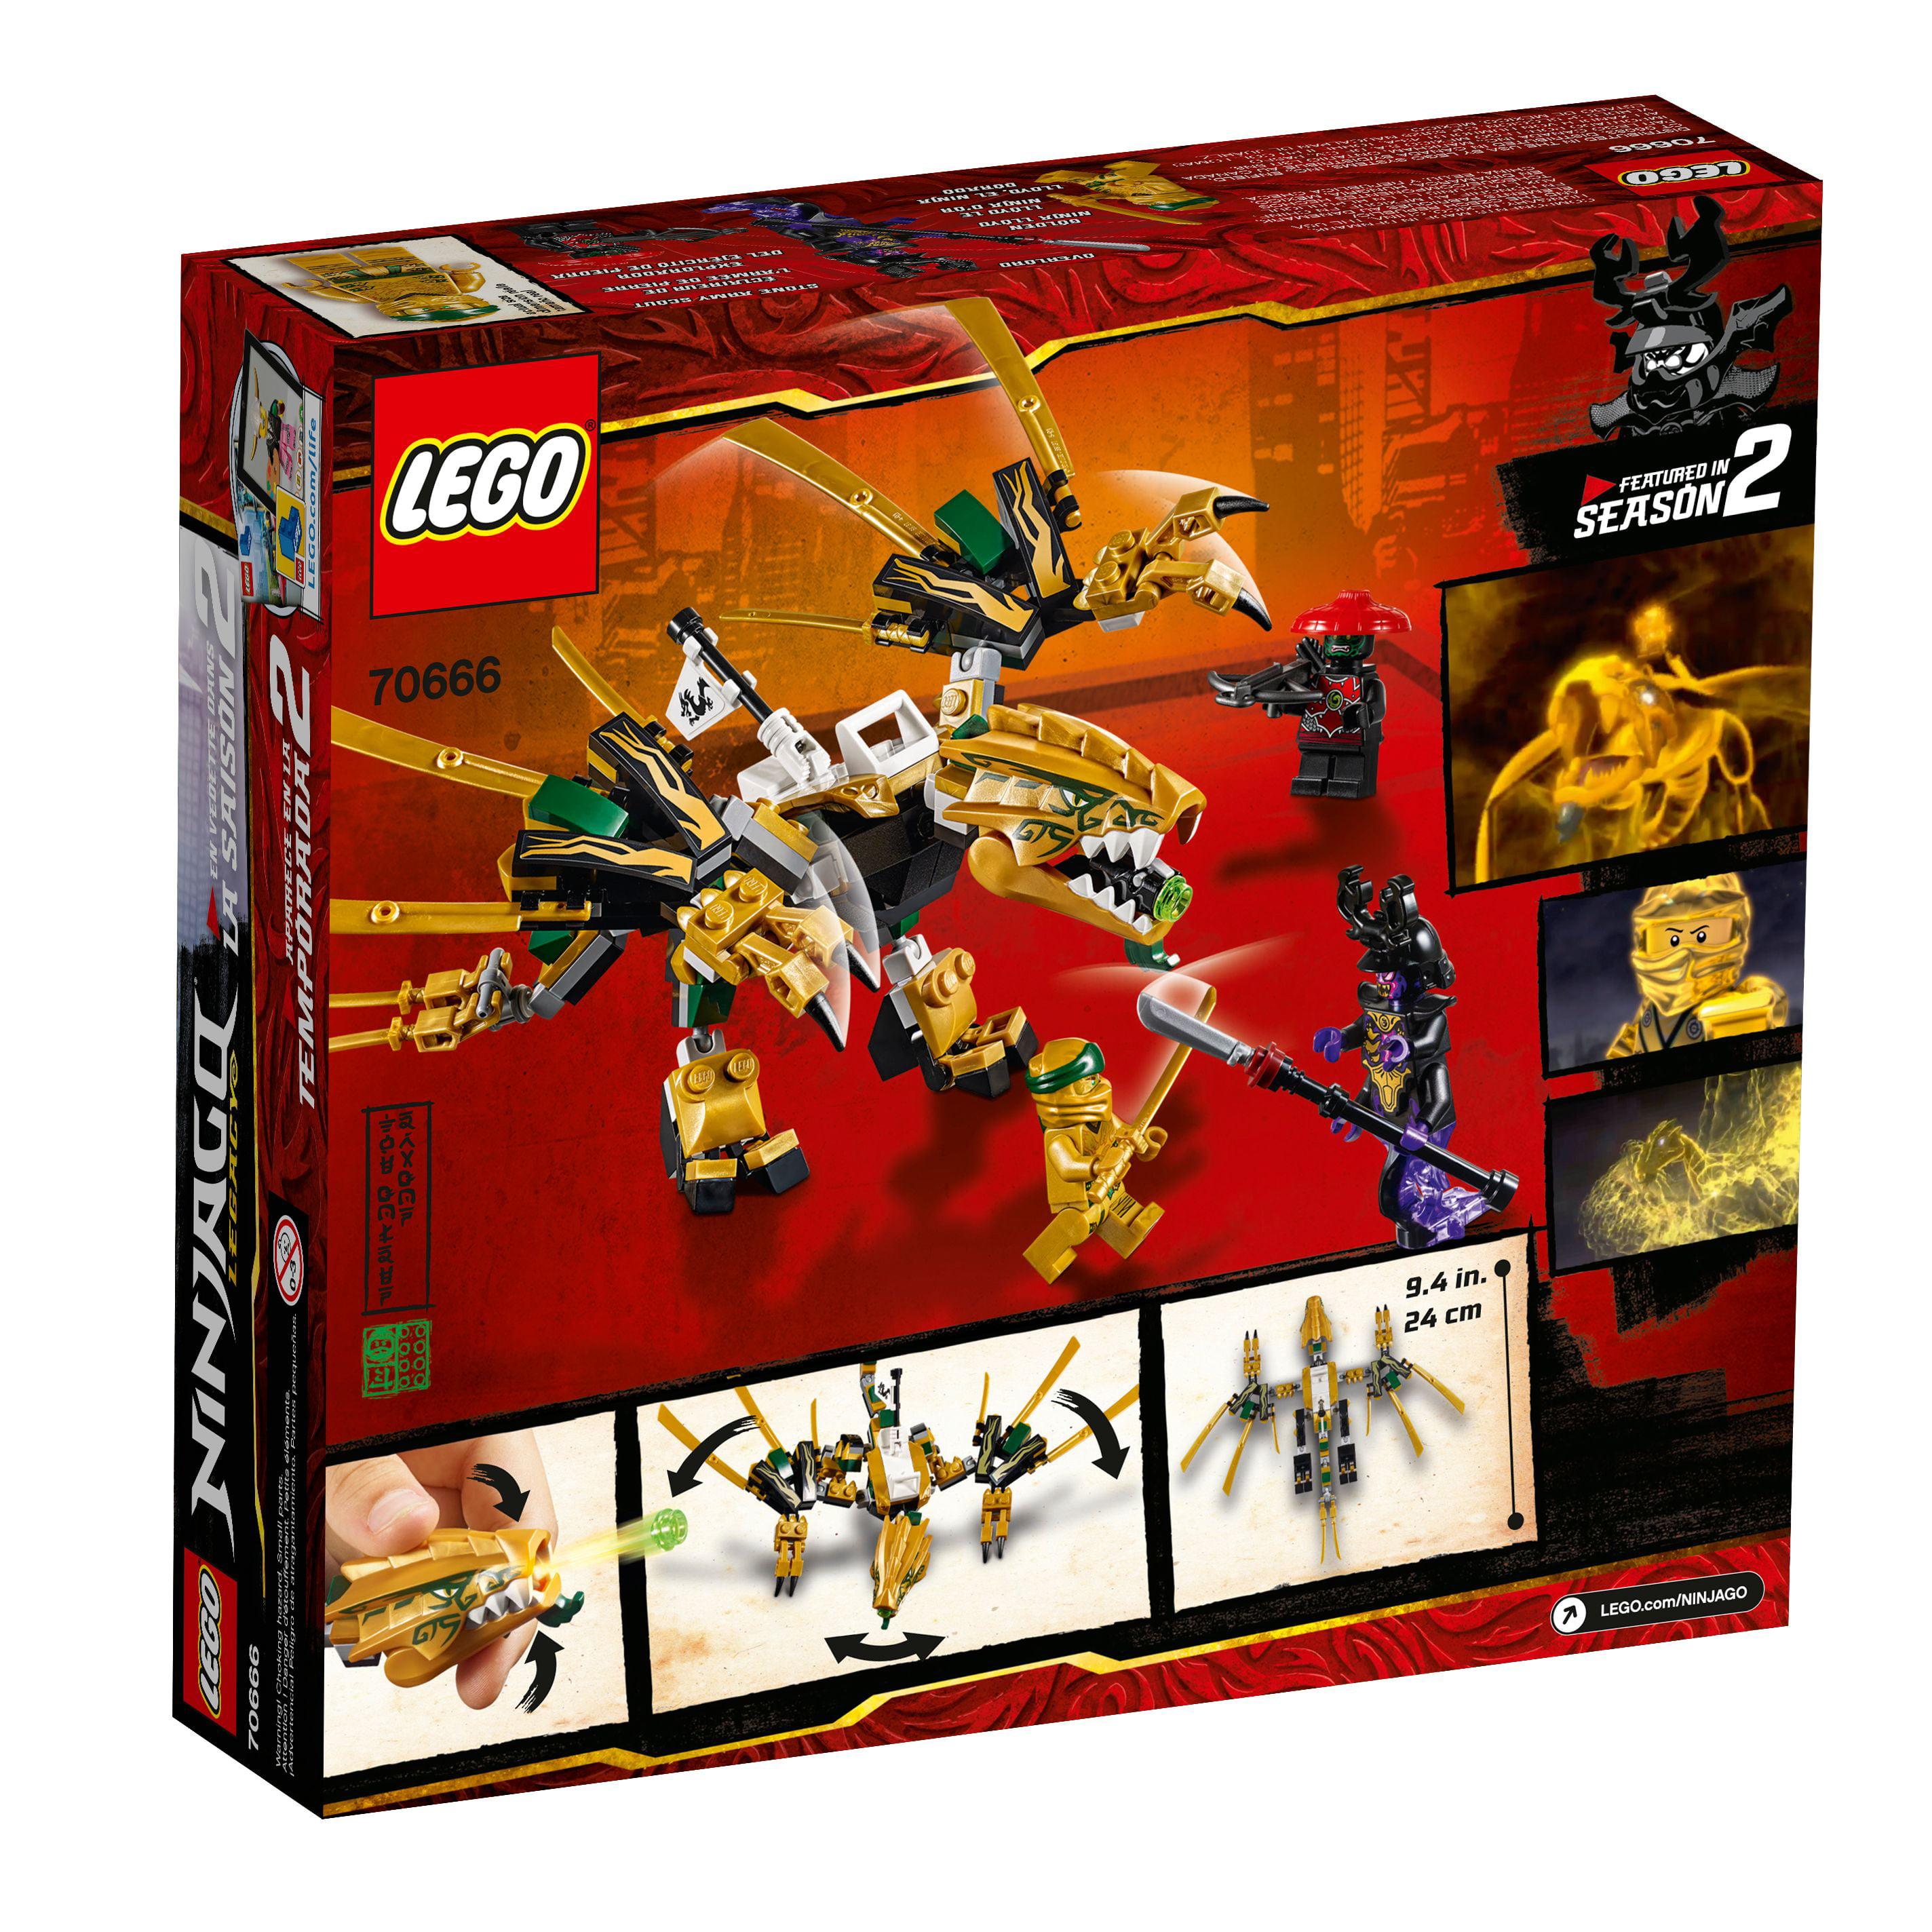 Lego Ninjago The Golden Dragon Building Set 70666 171 Pieces